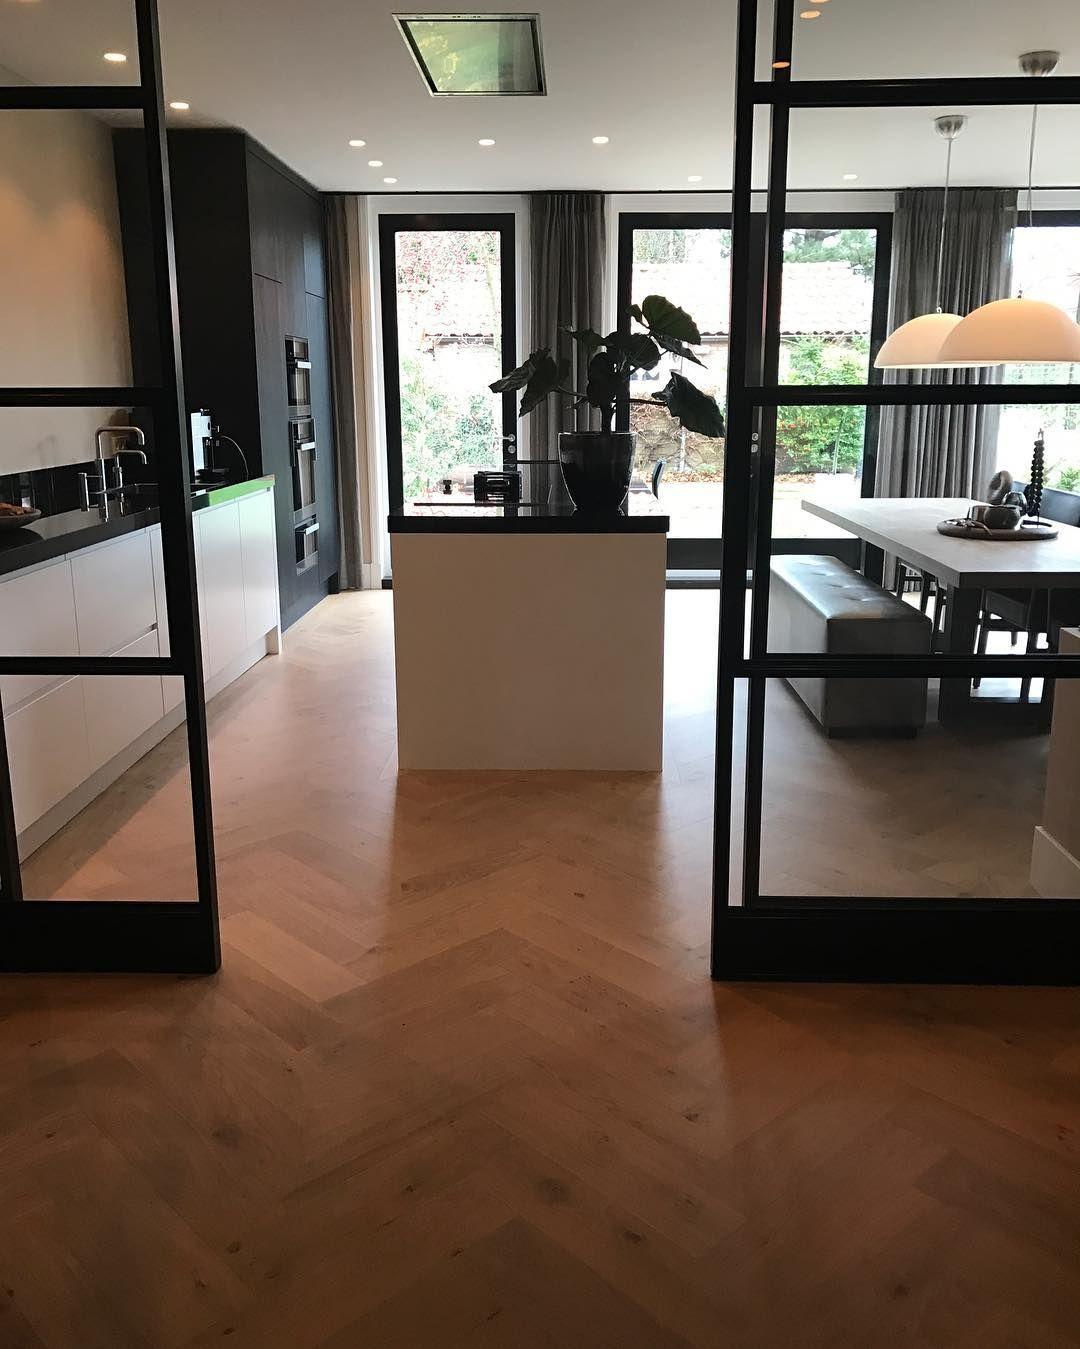 donkere keuken, zwarte kozijnen, houten vloer | design // interiors ...